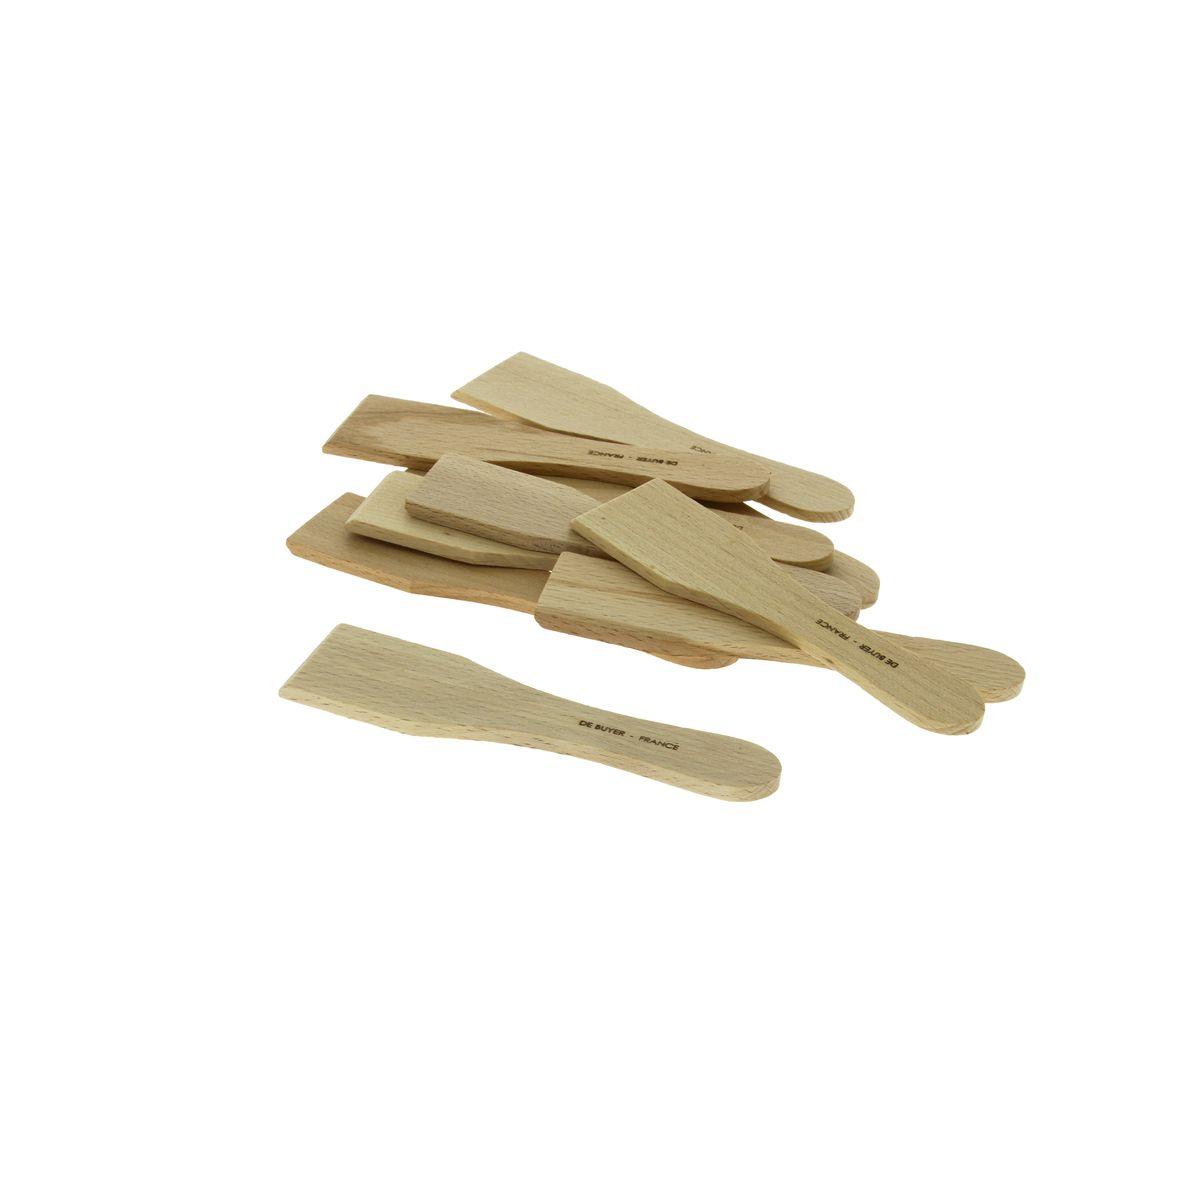 Set de 10 mini spatules à raclette bois pefc - De Buyer